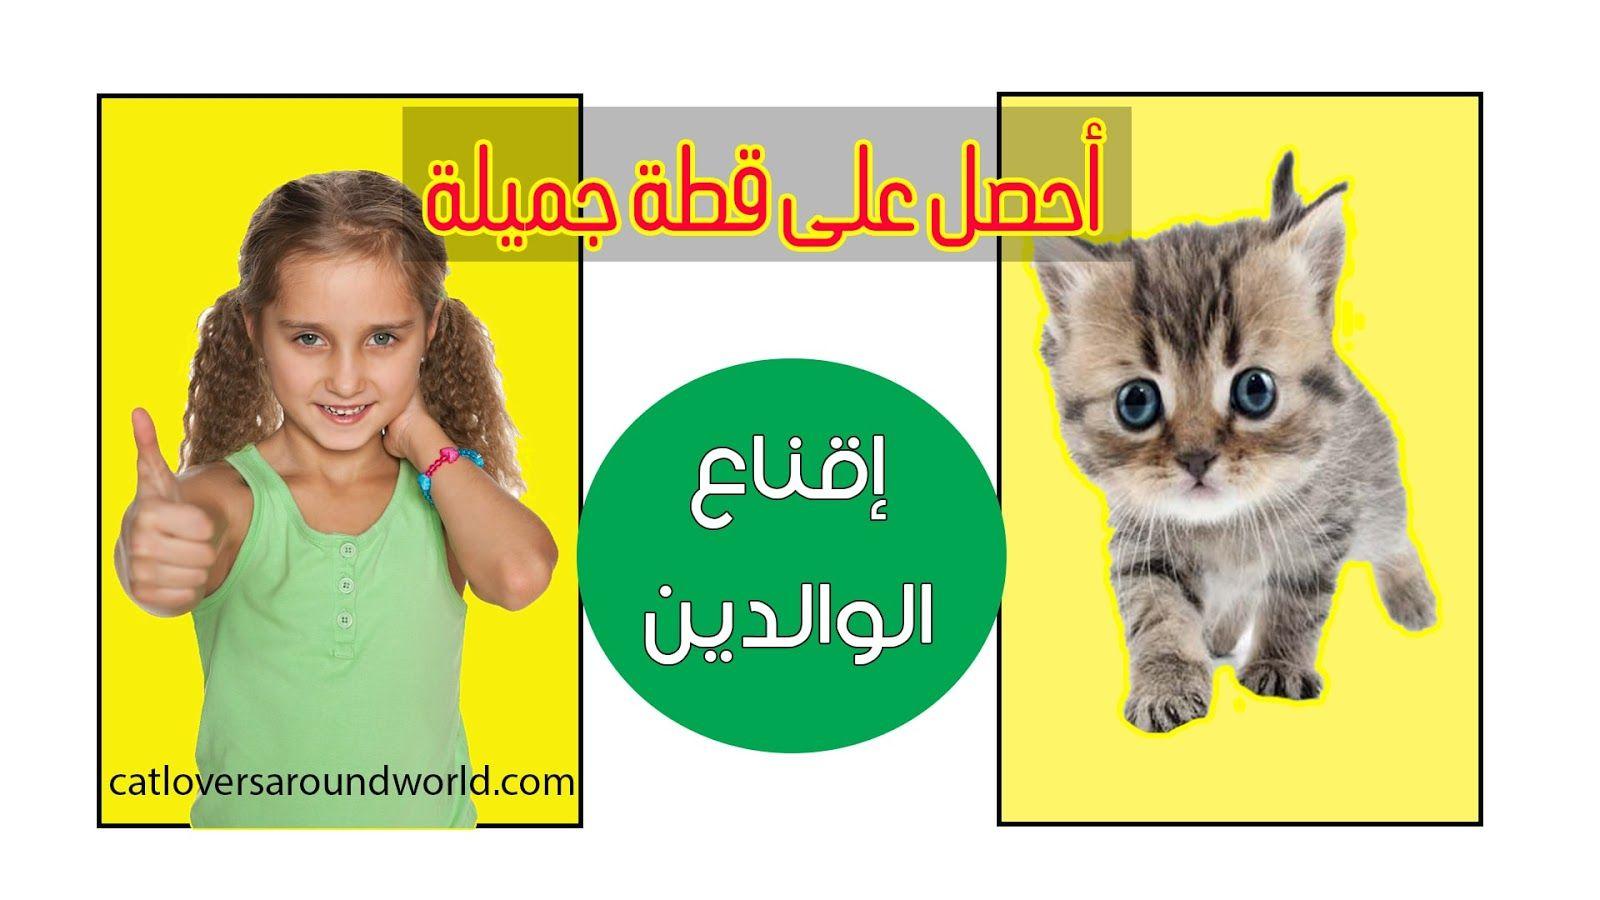 كيف تقنع والديك بشراء قطة إقناع الأهل بطرق مجربة Cats Playbill